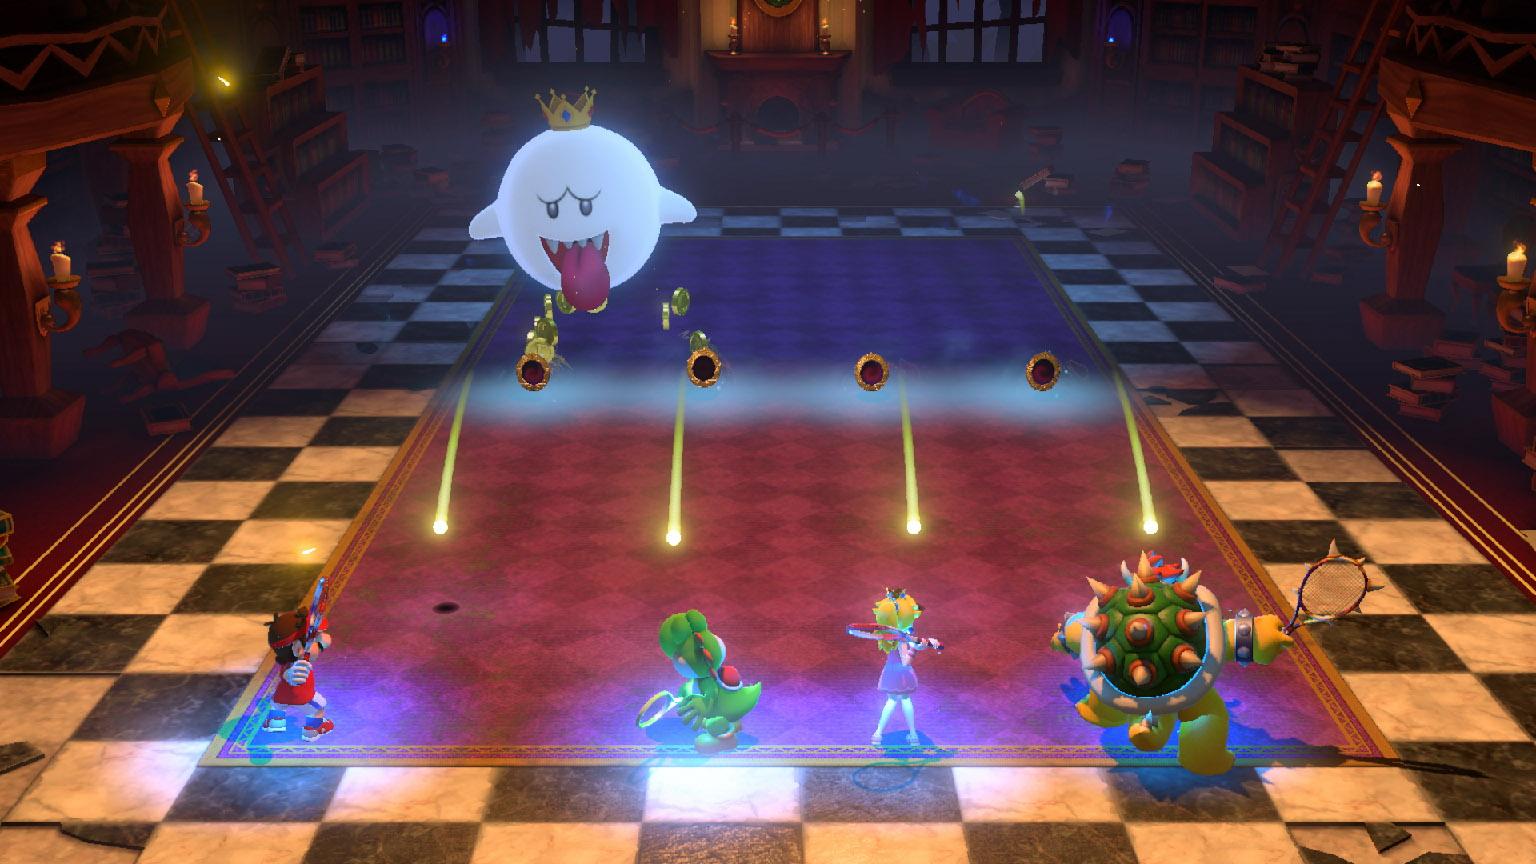 Update! Mario Tennis Aces Version 2.0